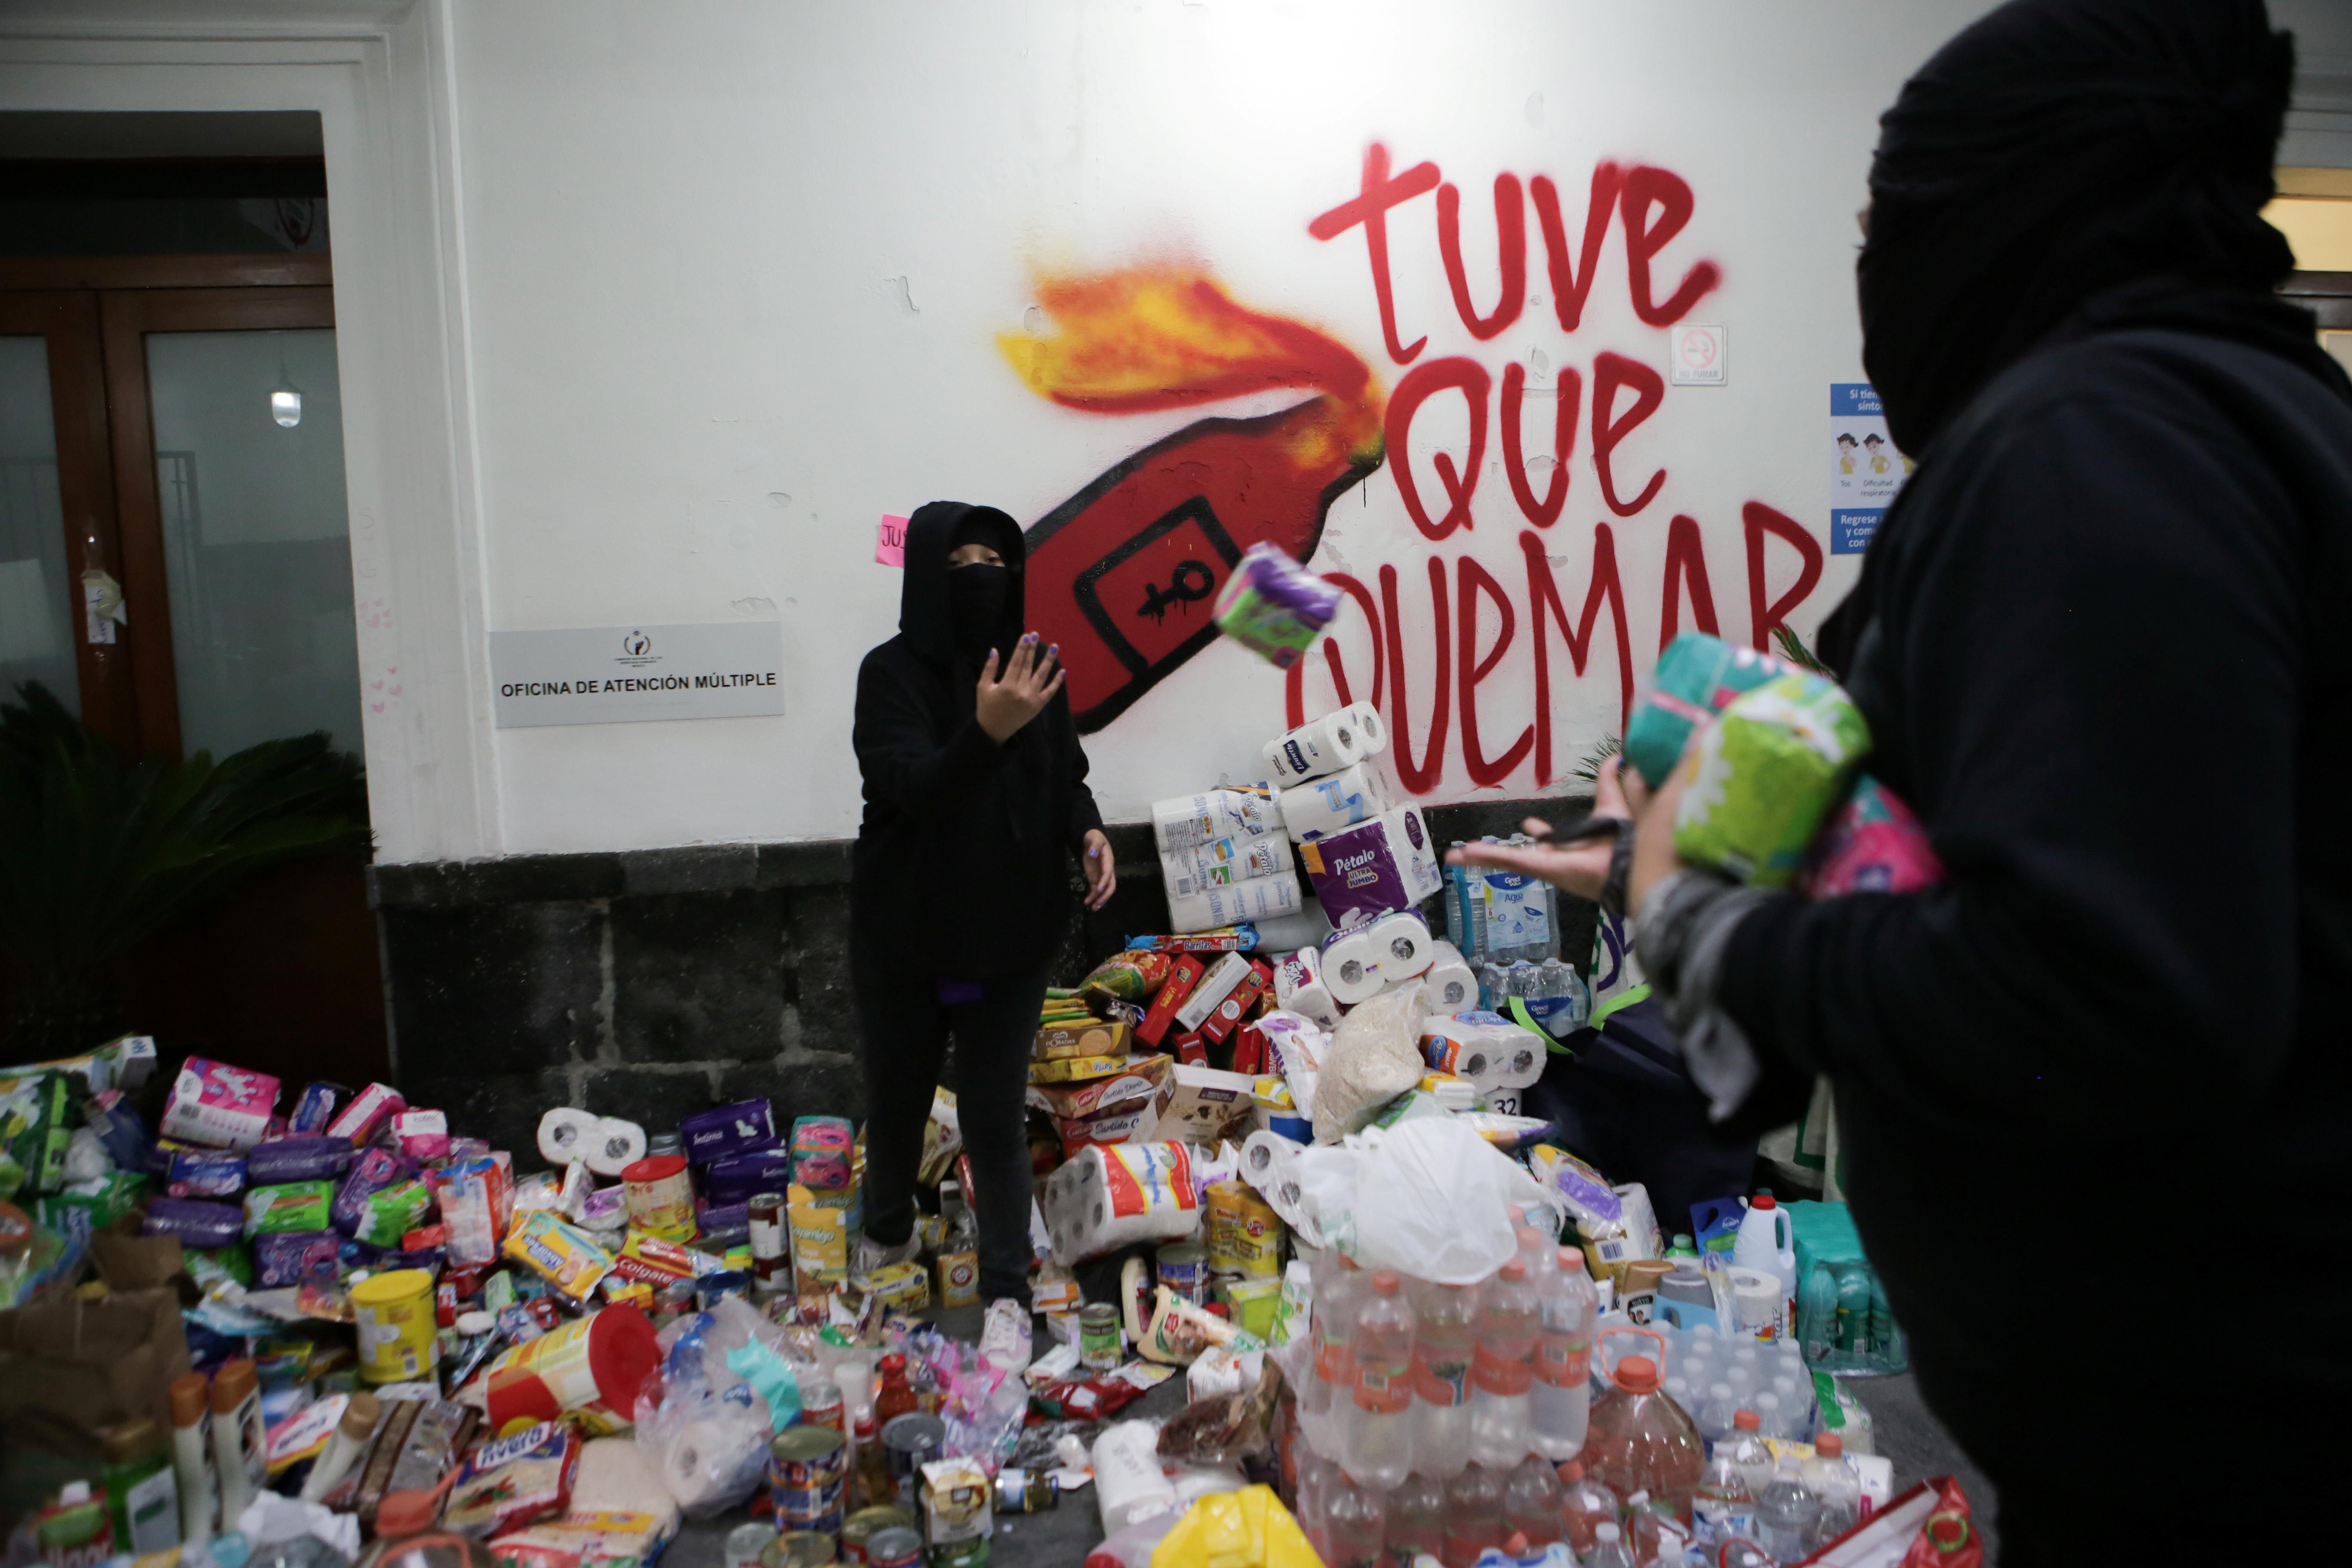 Miembros de un colectivo feminista organizan bienes donados mientras se apoderan de las instalaciones del edificio de la Comisión Nacional de Derechos Humanos, en apoyo a las víctimas de violencia de género, en la Ciudad de México, México, 10 de septiembre de 2020. Fotografía tomada el 10 de septiembre de 2020.